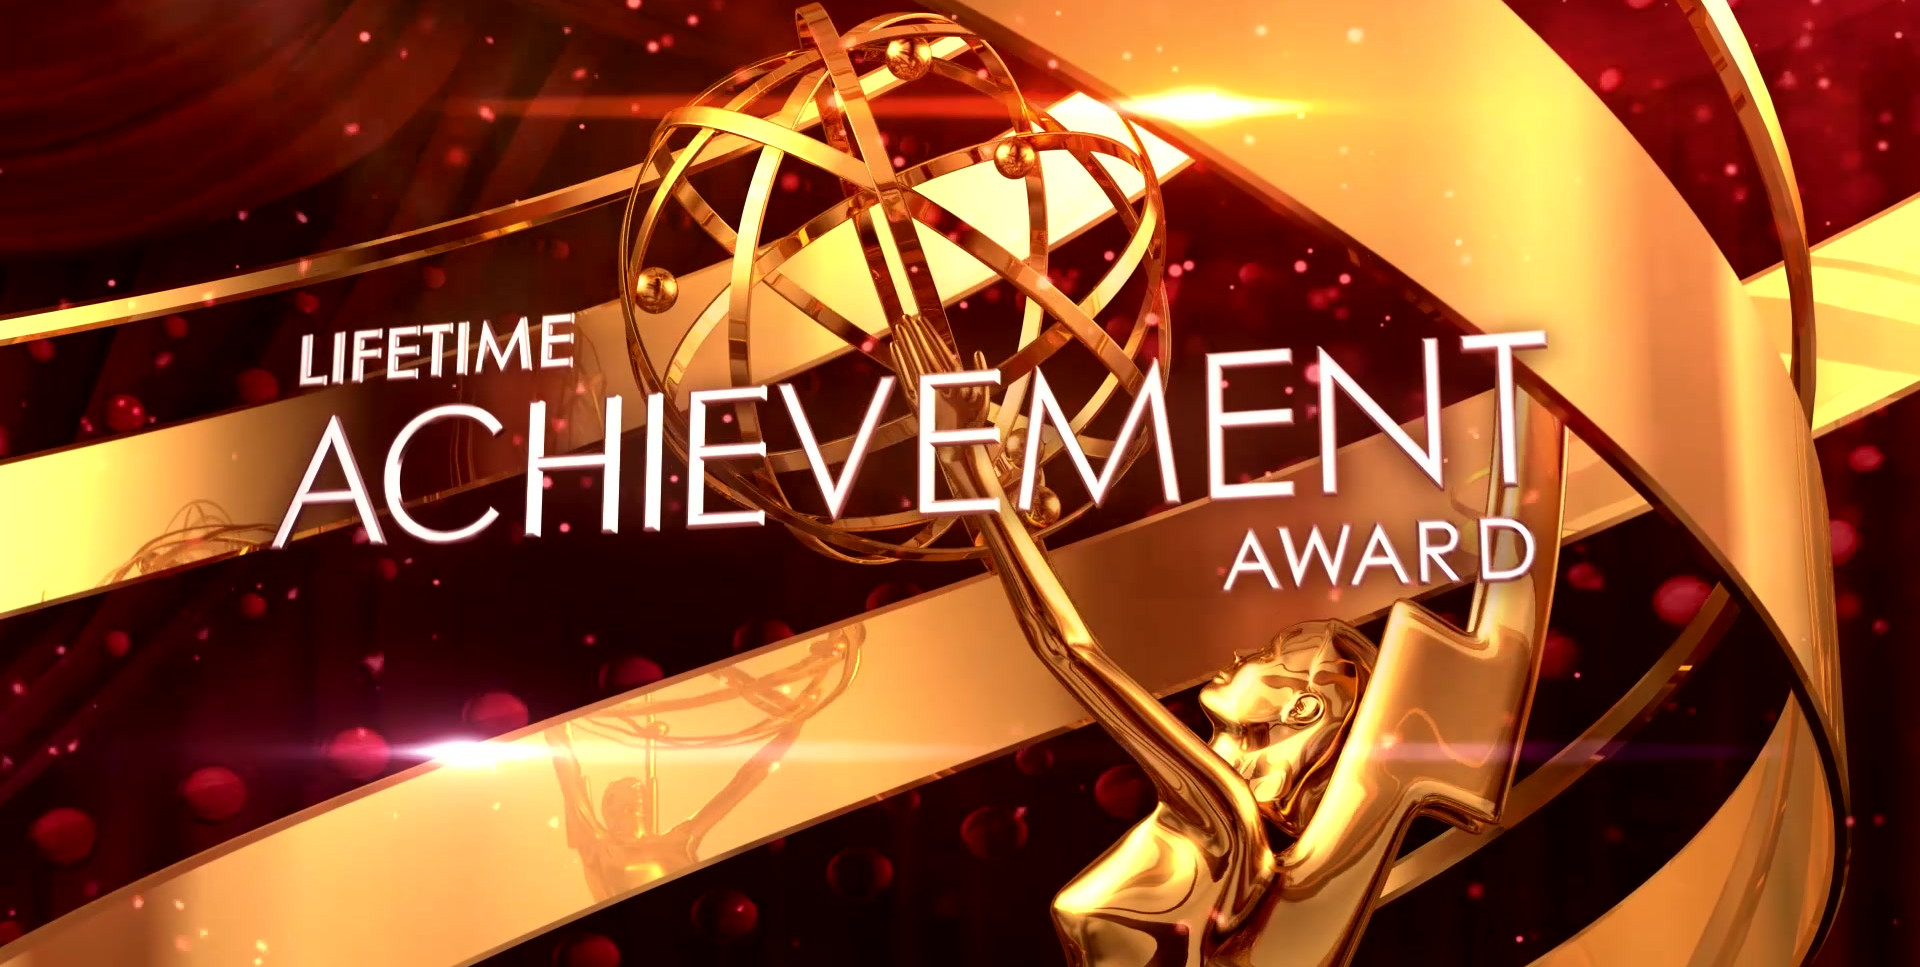 Lifetime_Achievement_Award_Header_DnxHD.